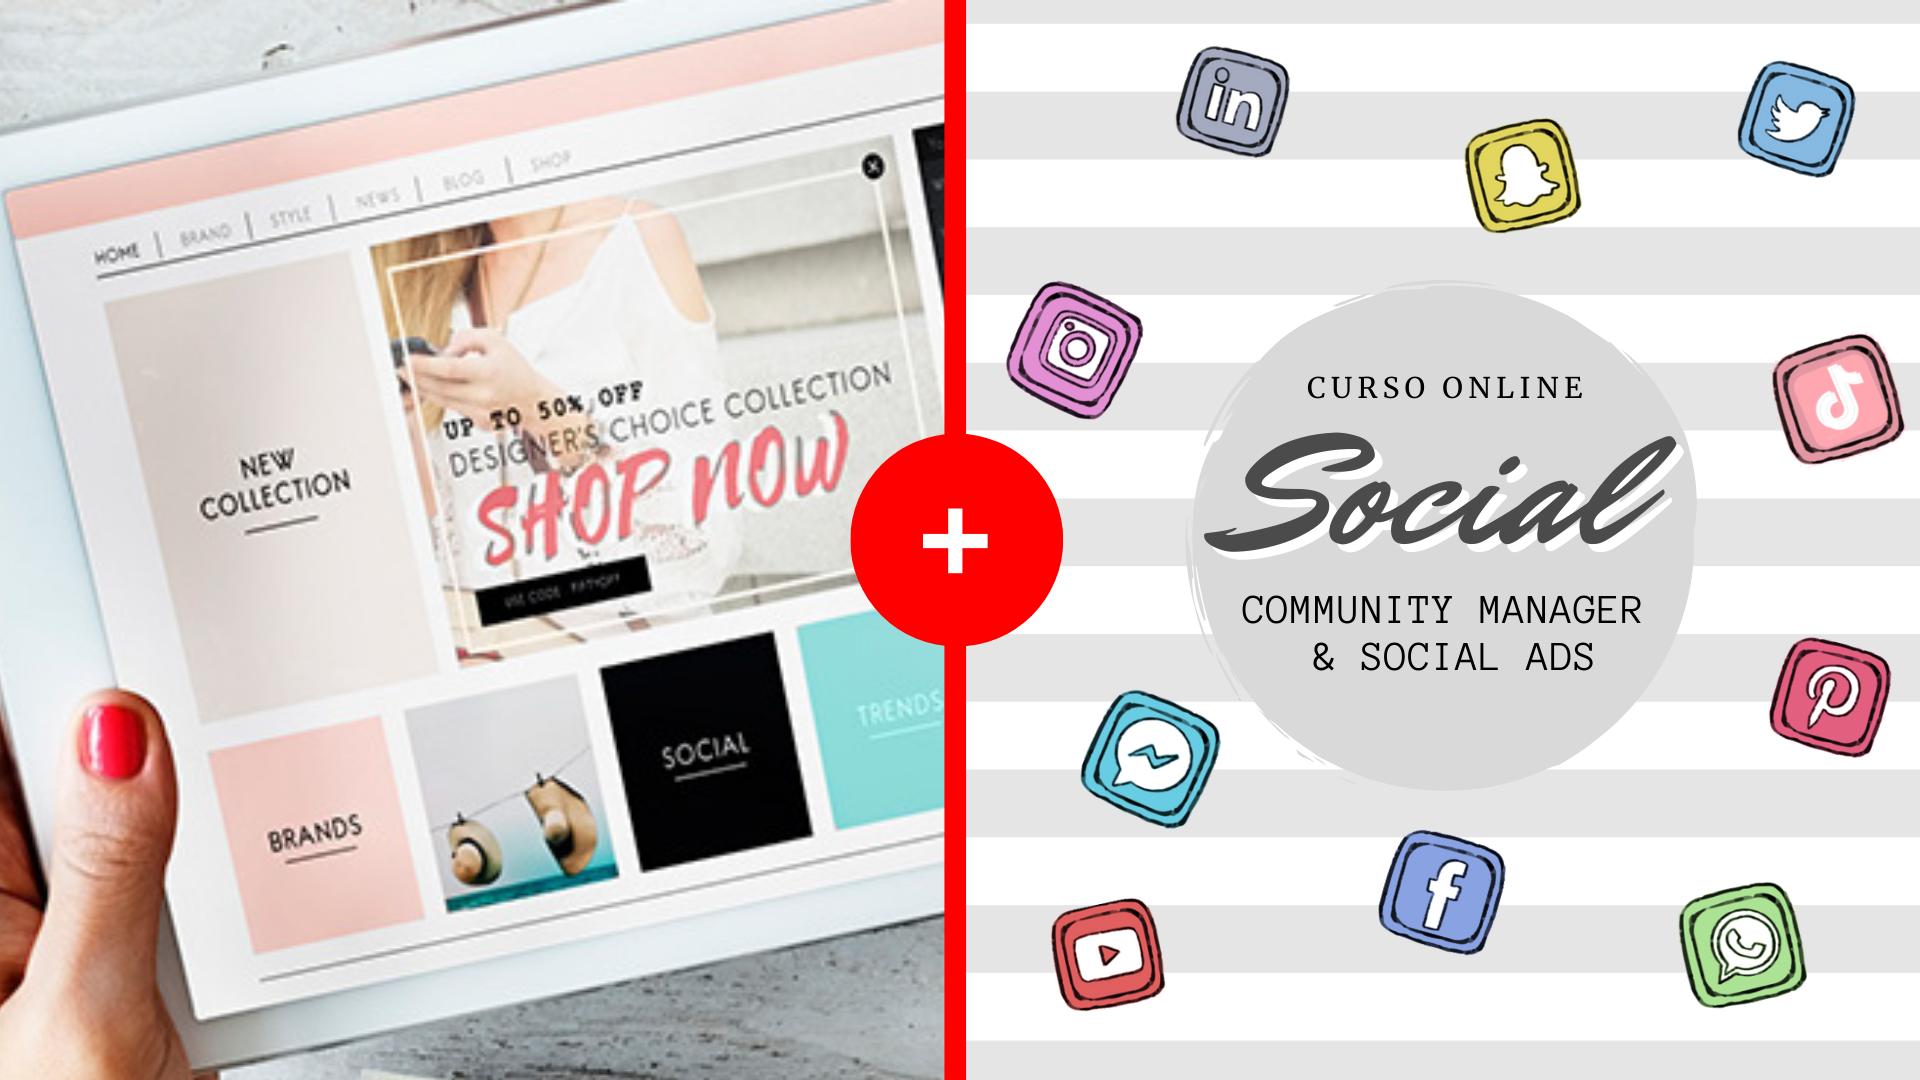 Curso de eCommerce + Social Full